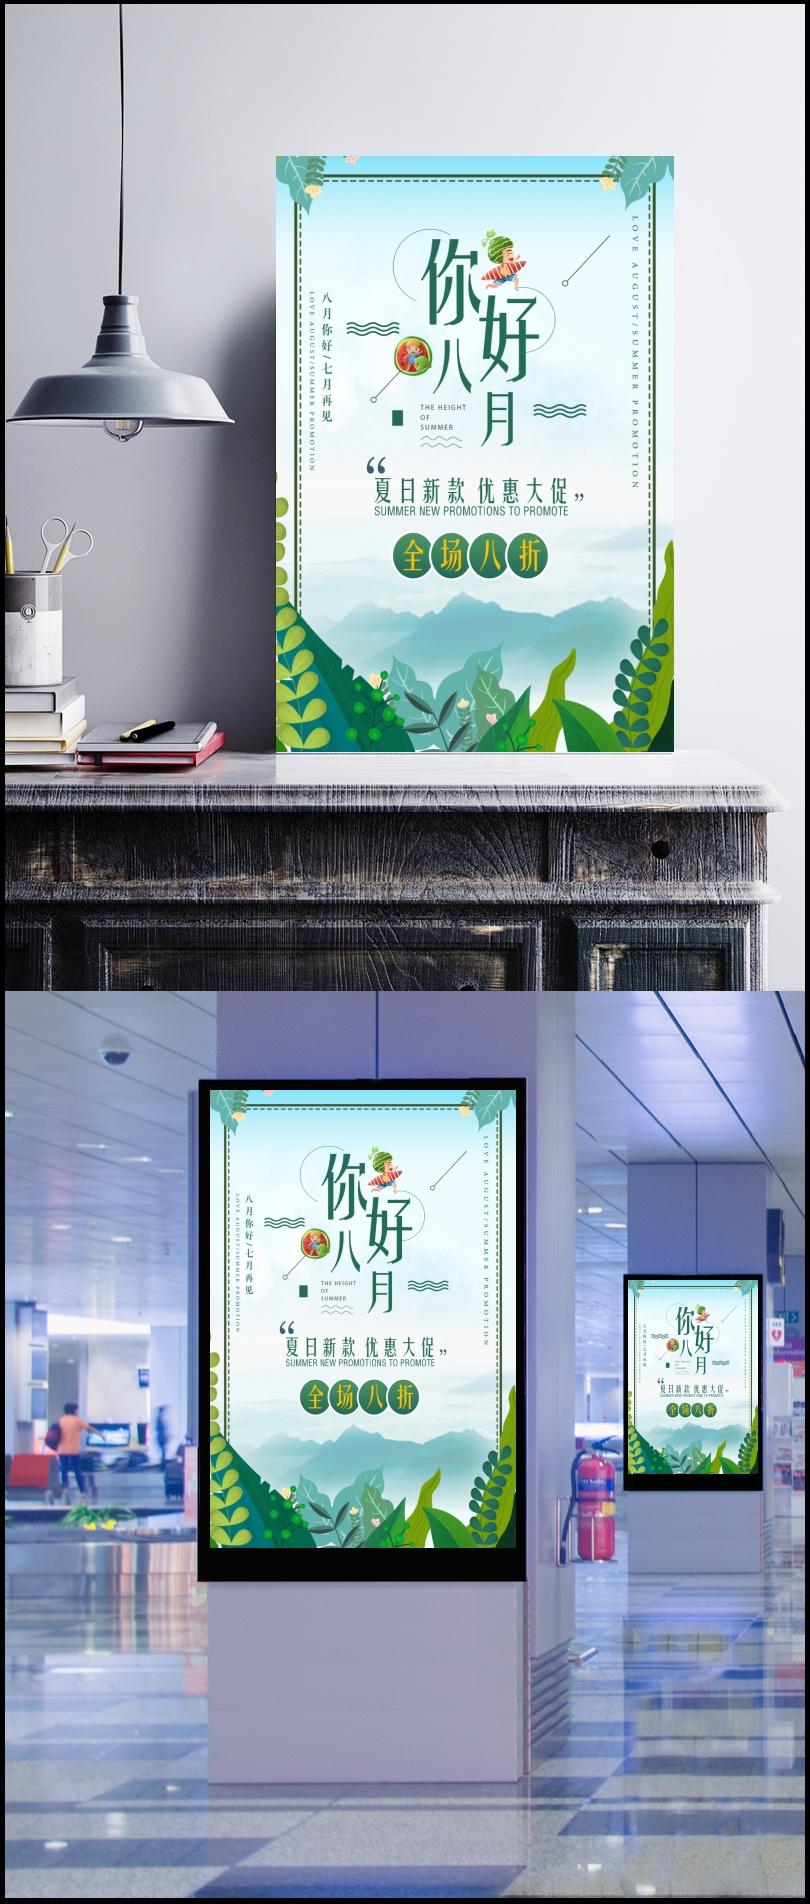 小清新八月你好夏日促销海报